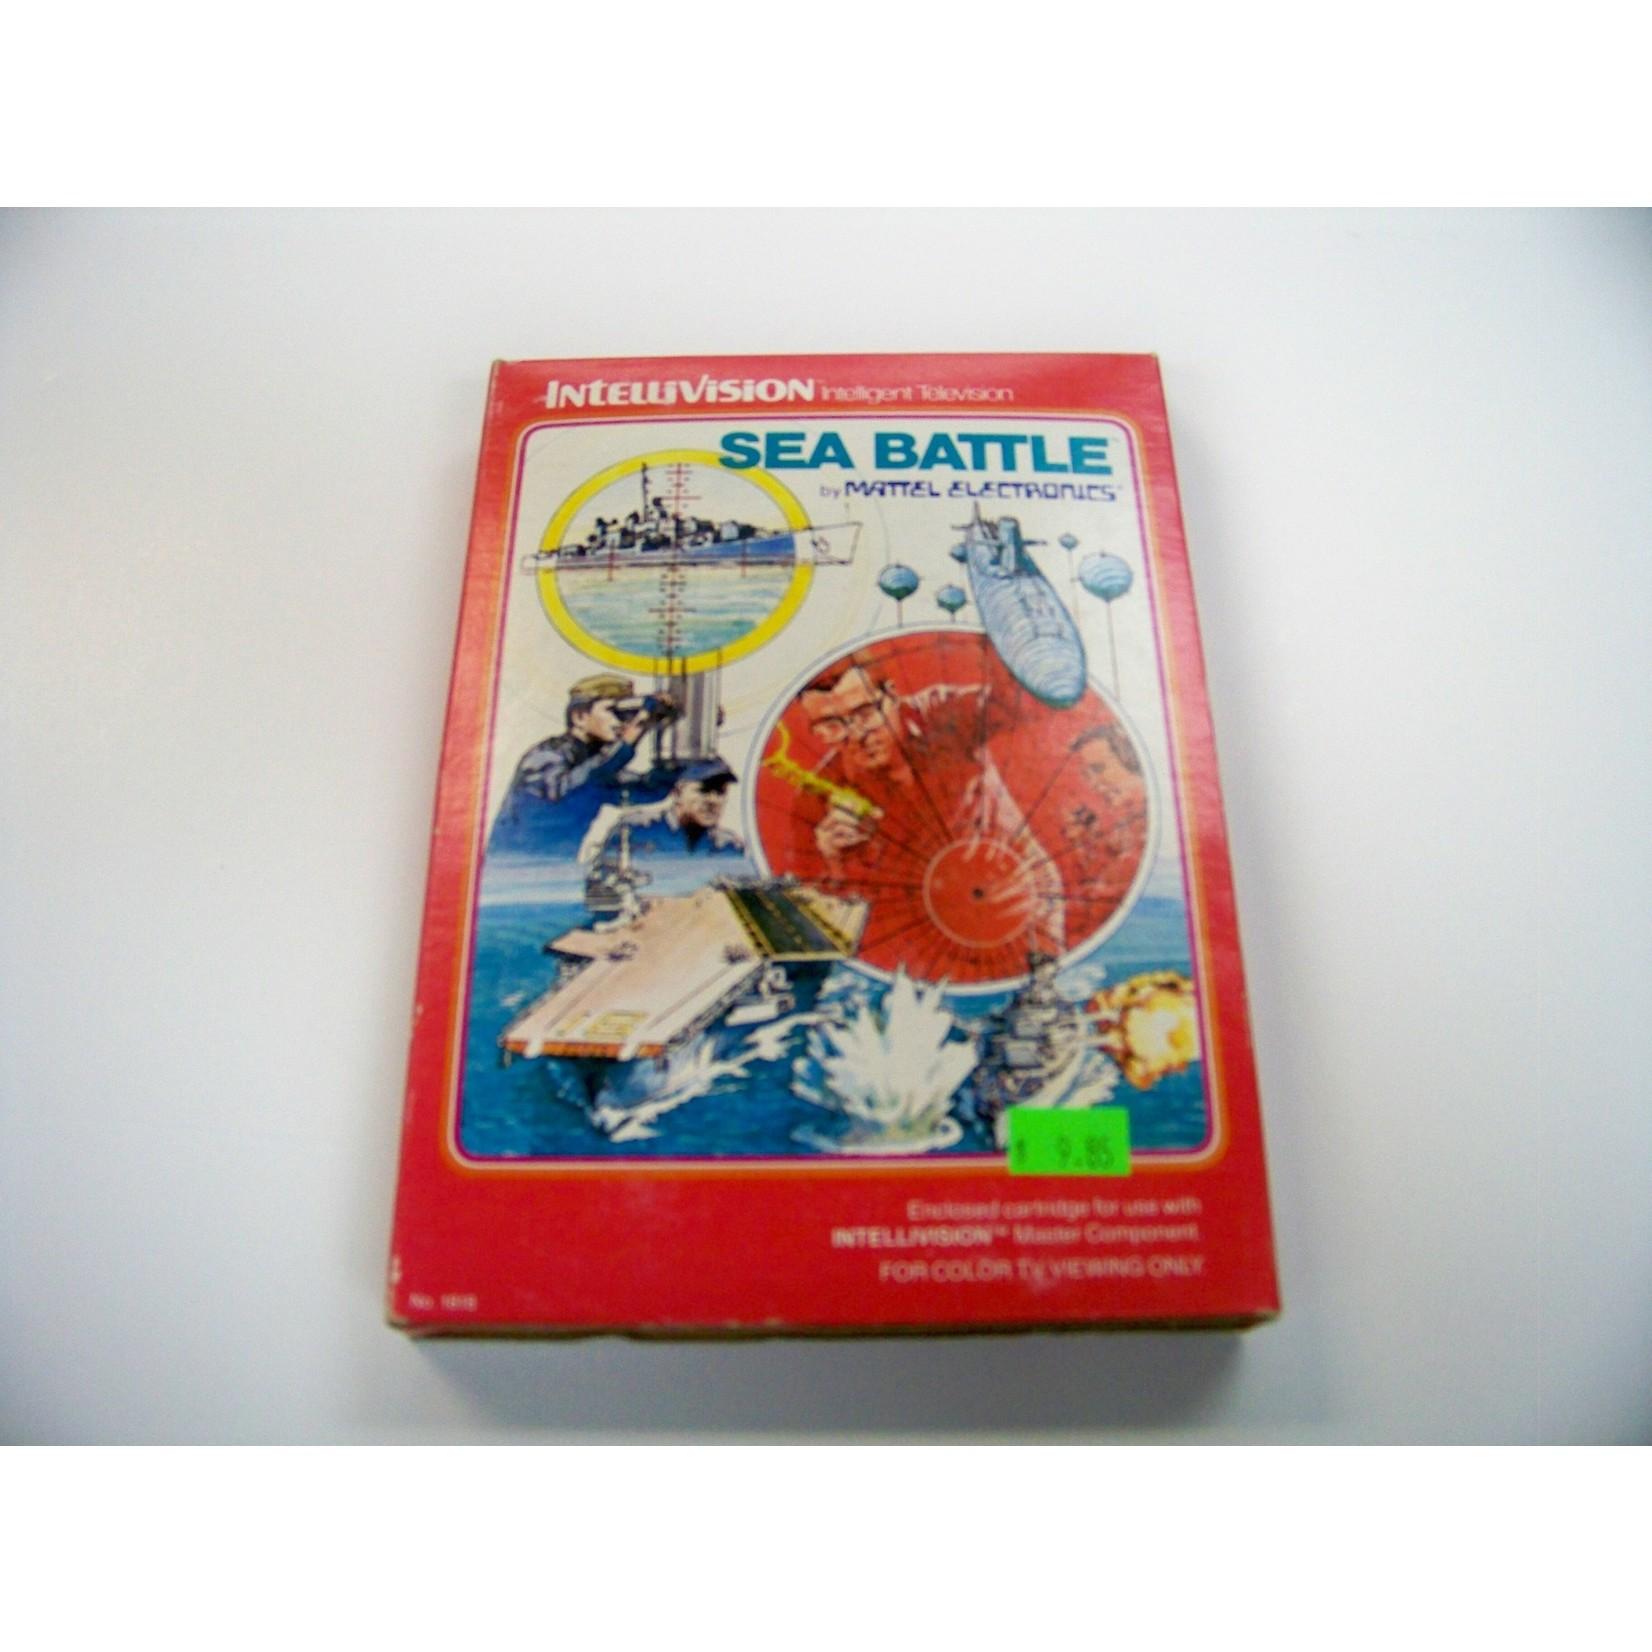 itvu-Sea Battle (in box)